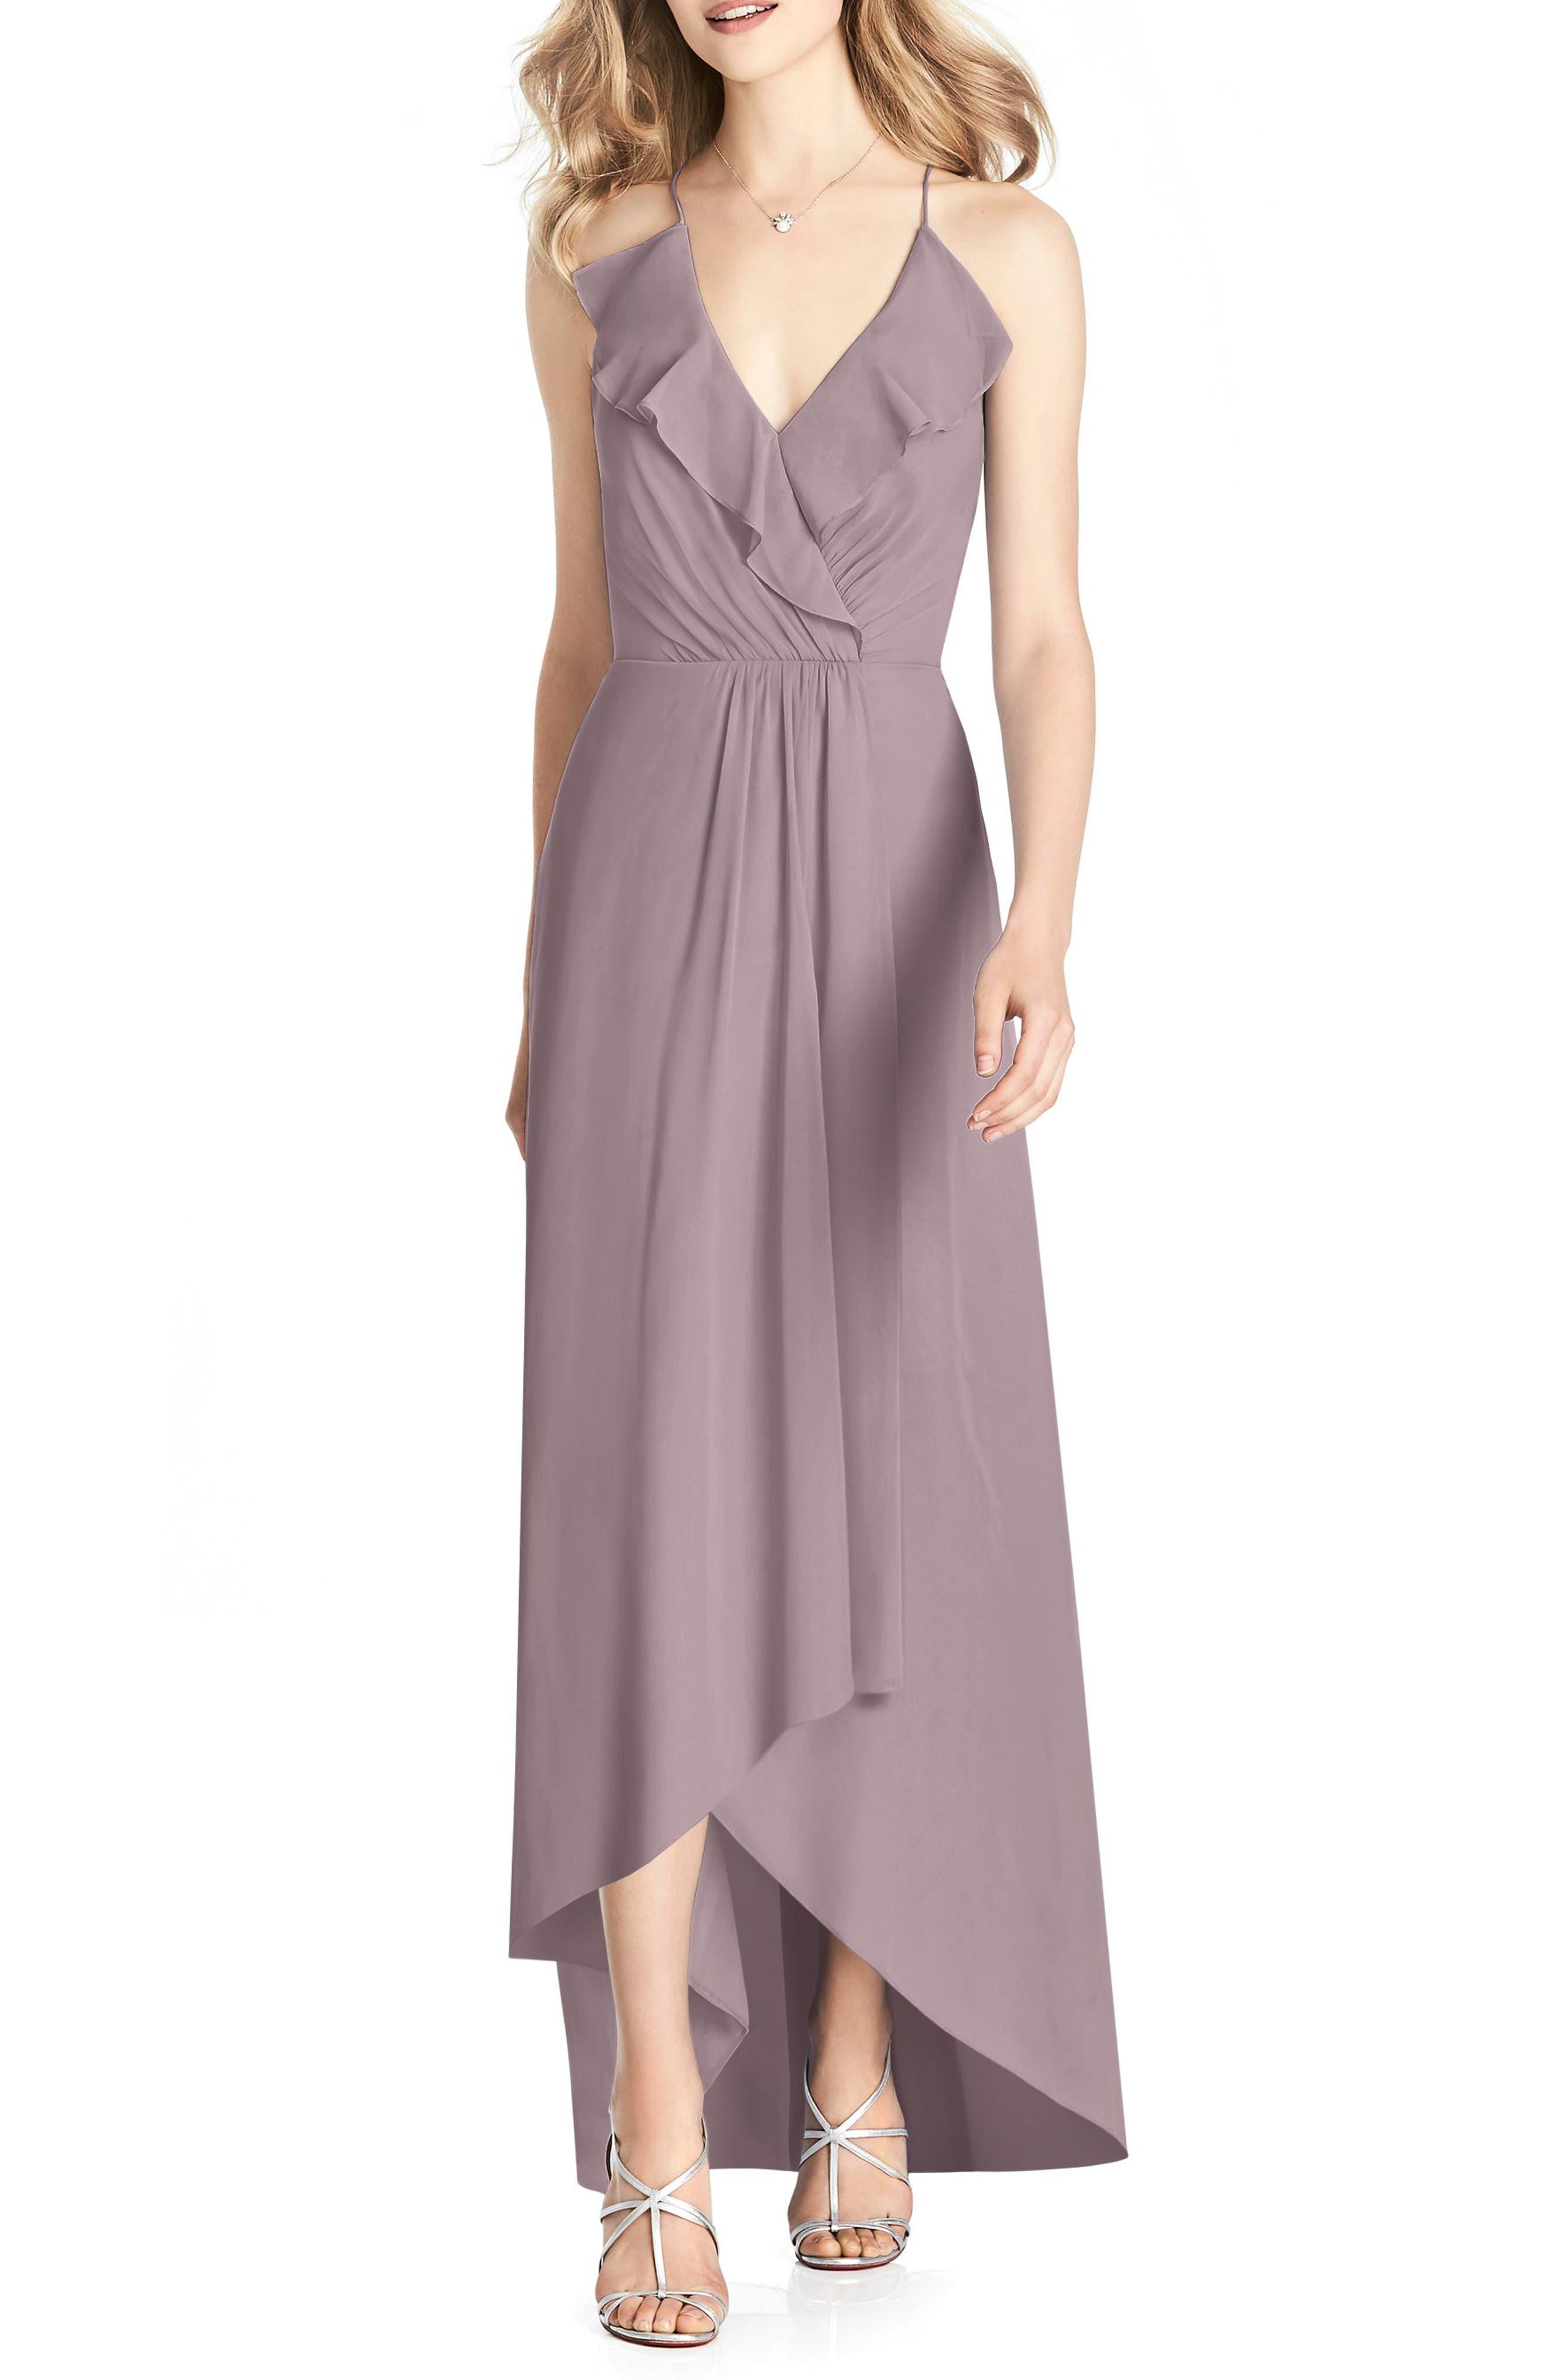 Jenny Packham Ruffle Neck Chiffon Gown, Pink